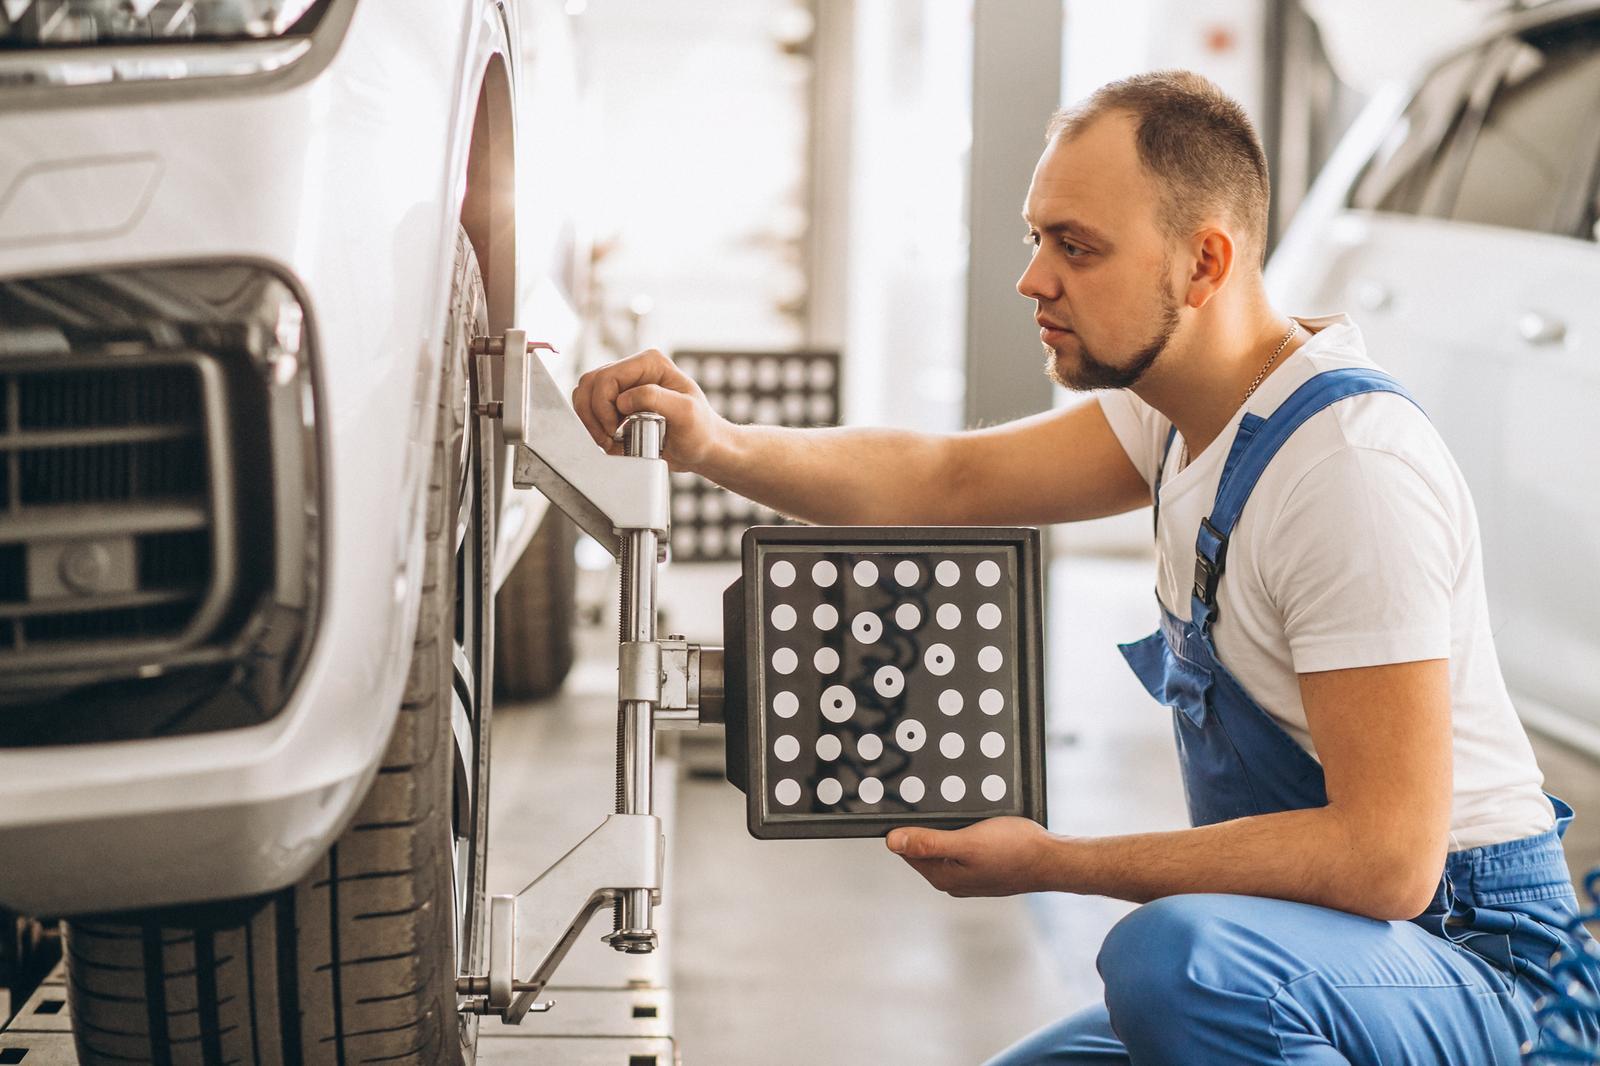 Manufacture of motor vehicles in Estonia